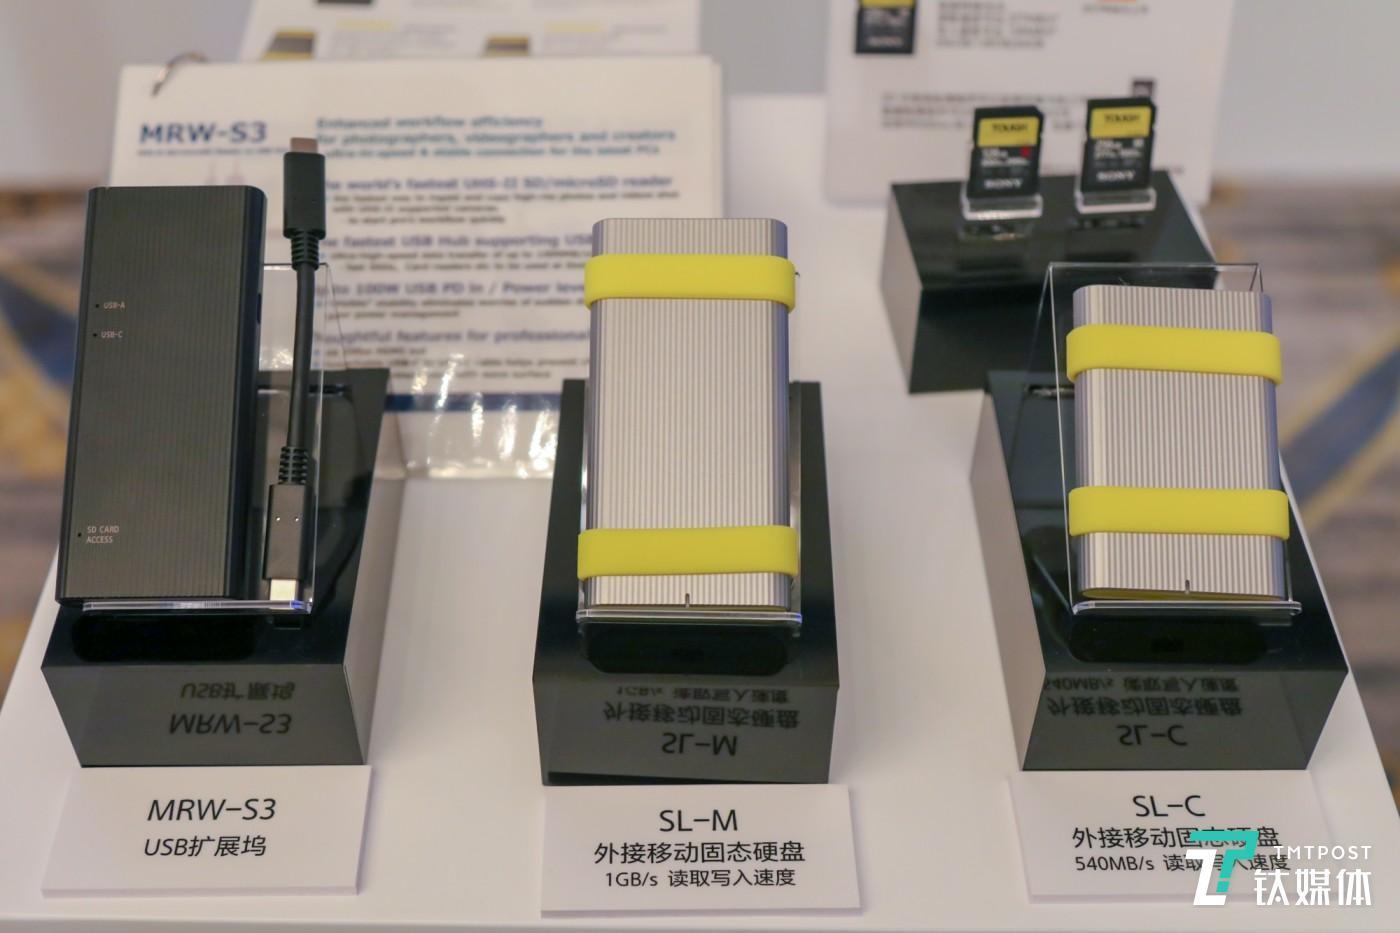 MRW-S3 USB扩展坞